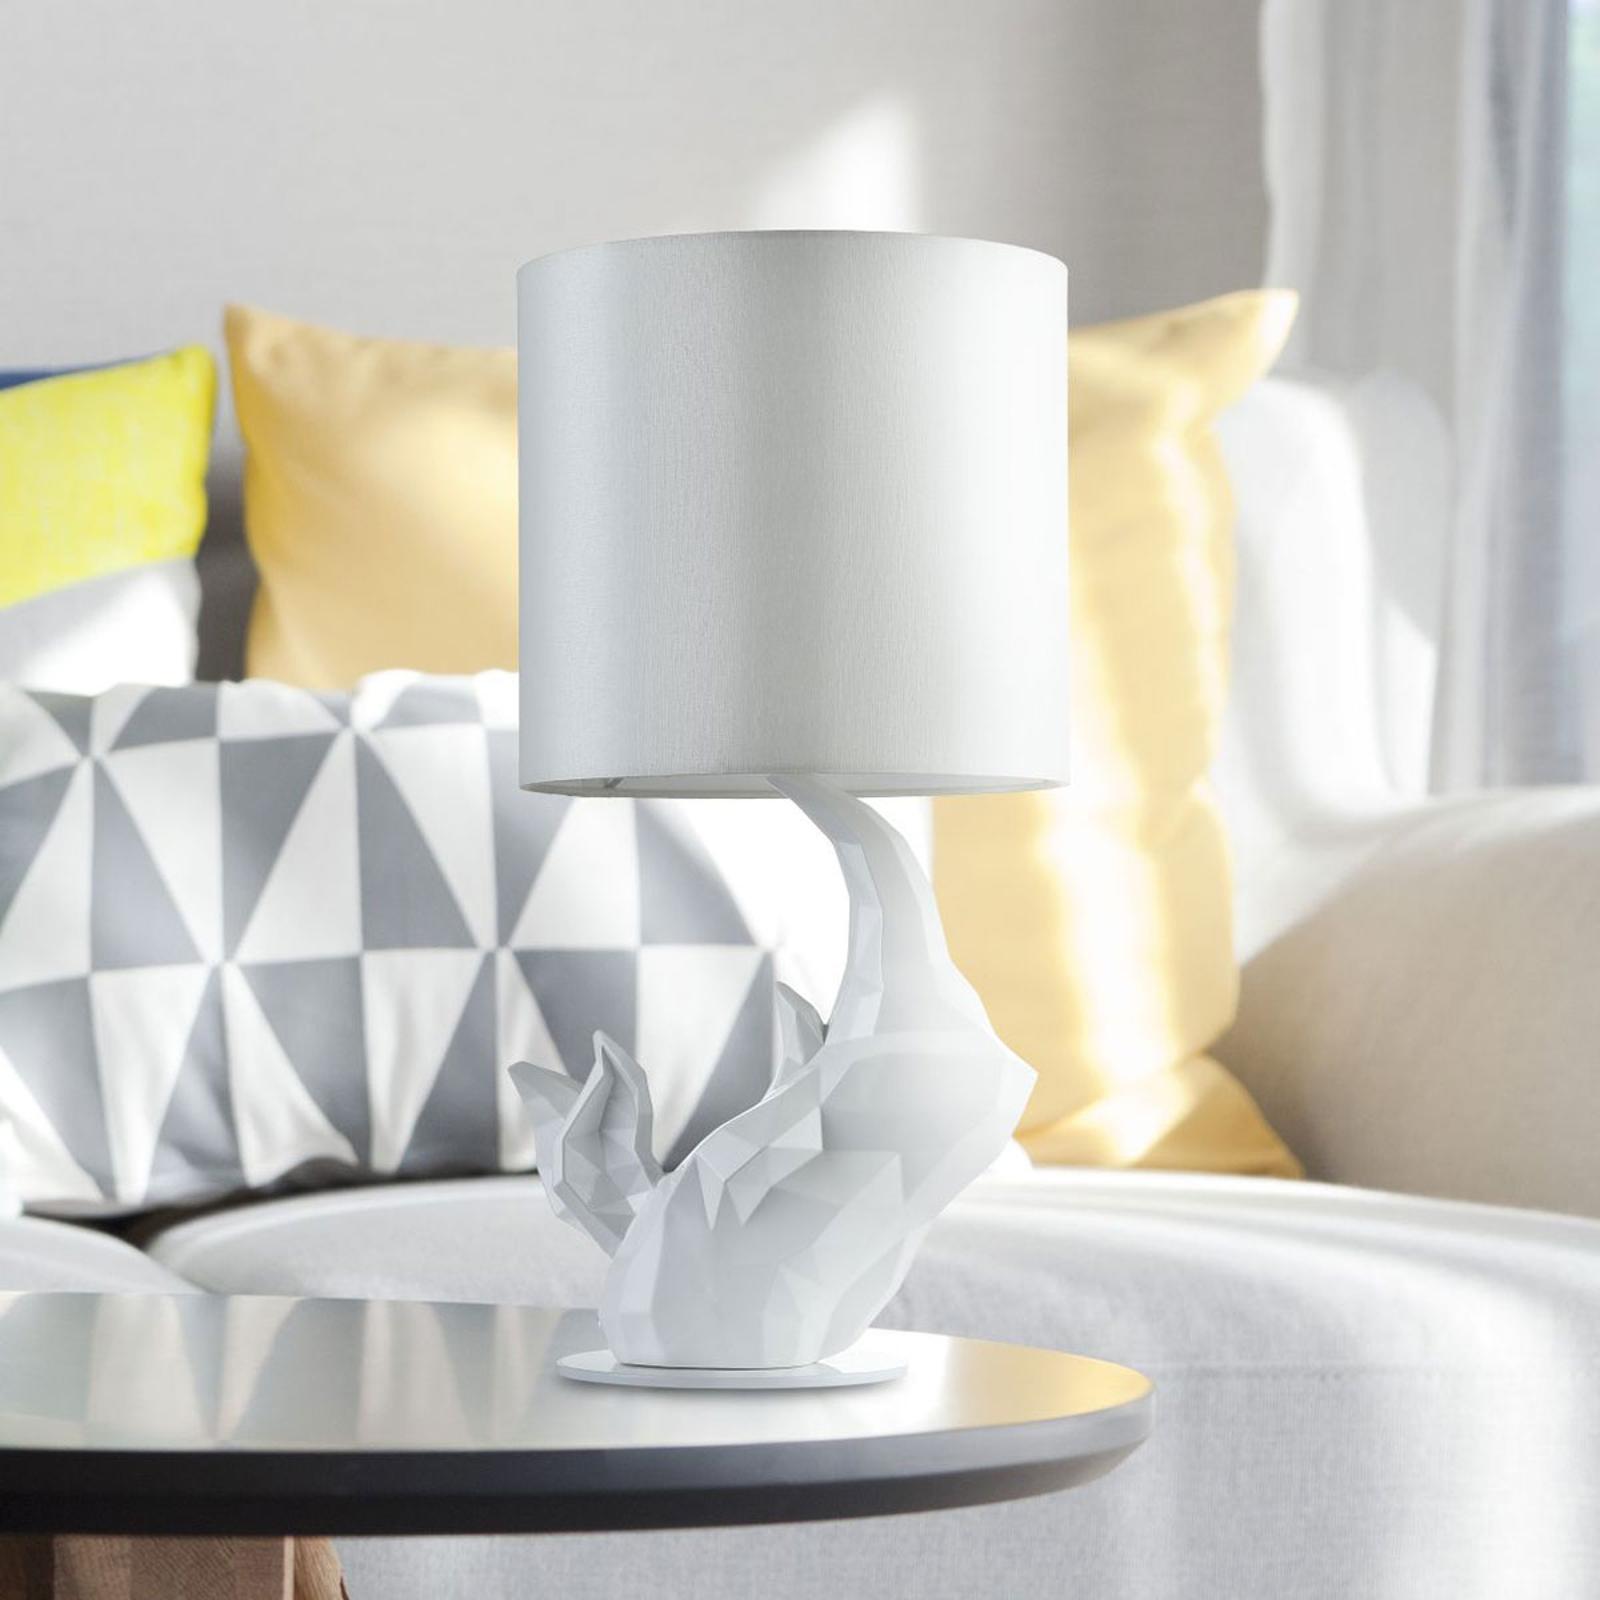 Lampa stołowa Nosorożec biała